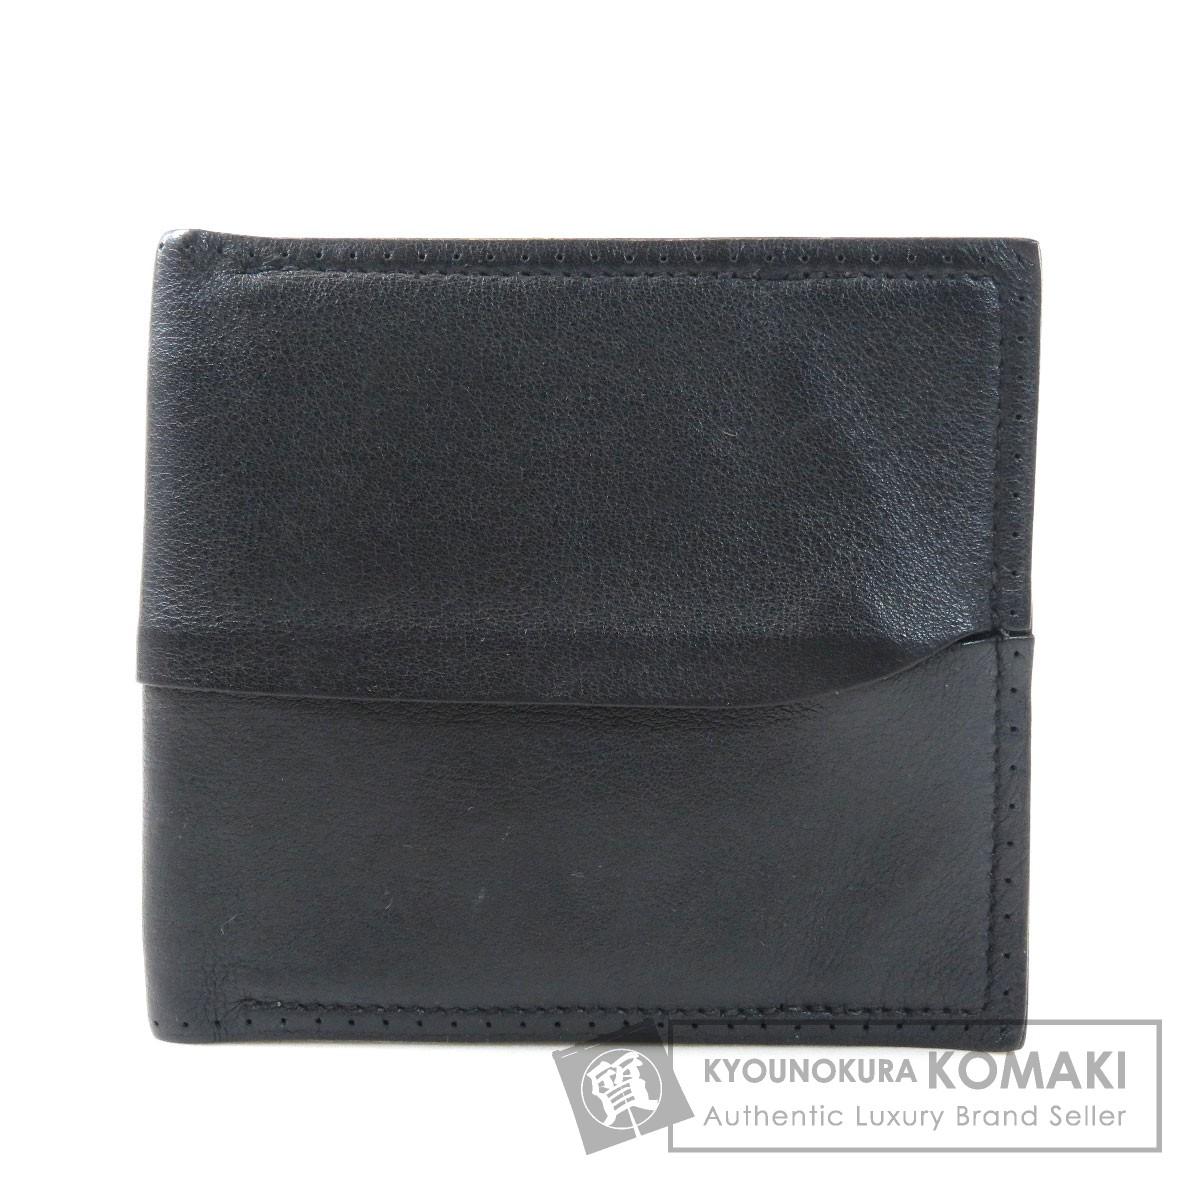 エルメス 札入れ 二つ折り財布(小銭入れあり) ヴォースイフト ユニセックス 【中古】【HERMES】